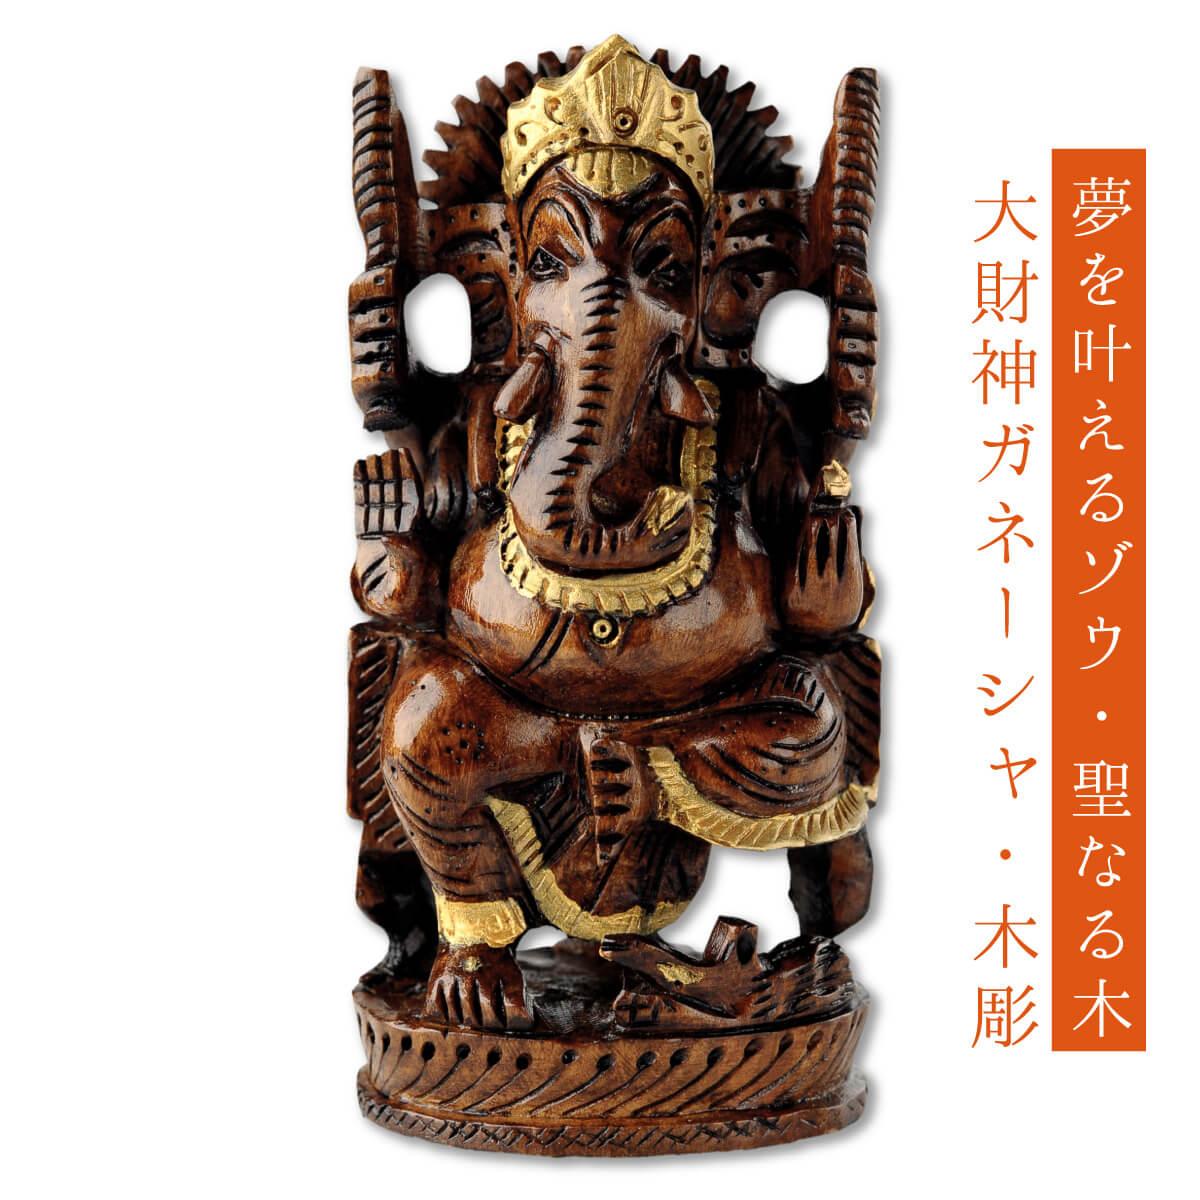 夢を叶える大財運神 ≫ ガネーシャ アンティークブラウン Sサイズ ≫ 木彫り 印度 置物